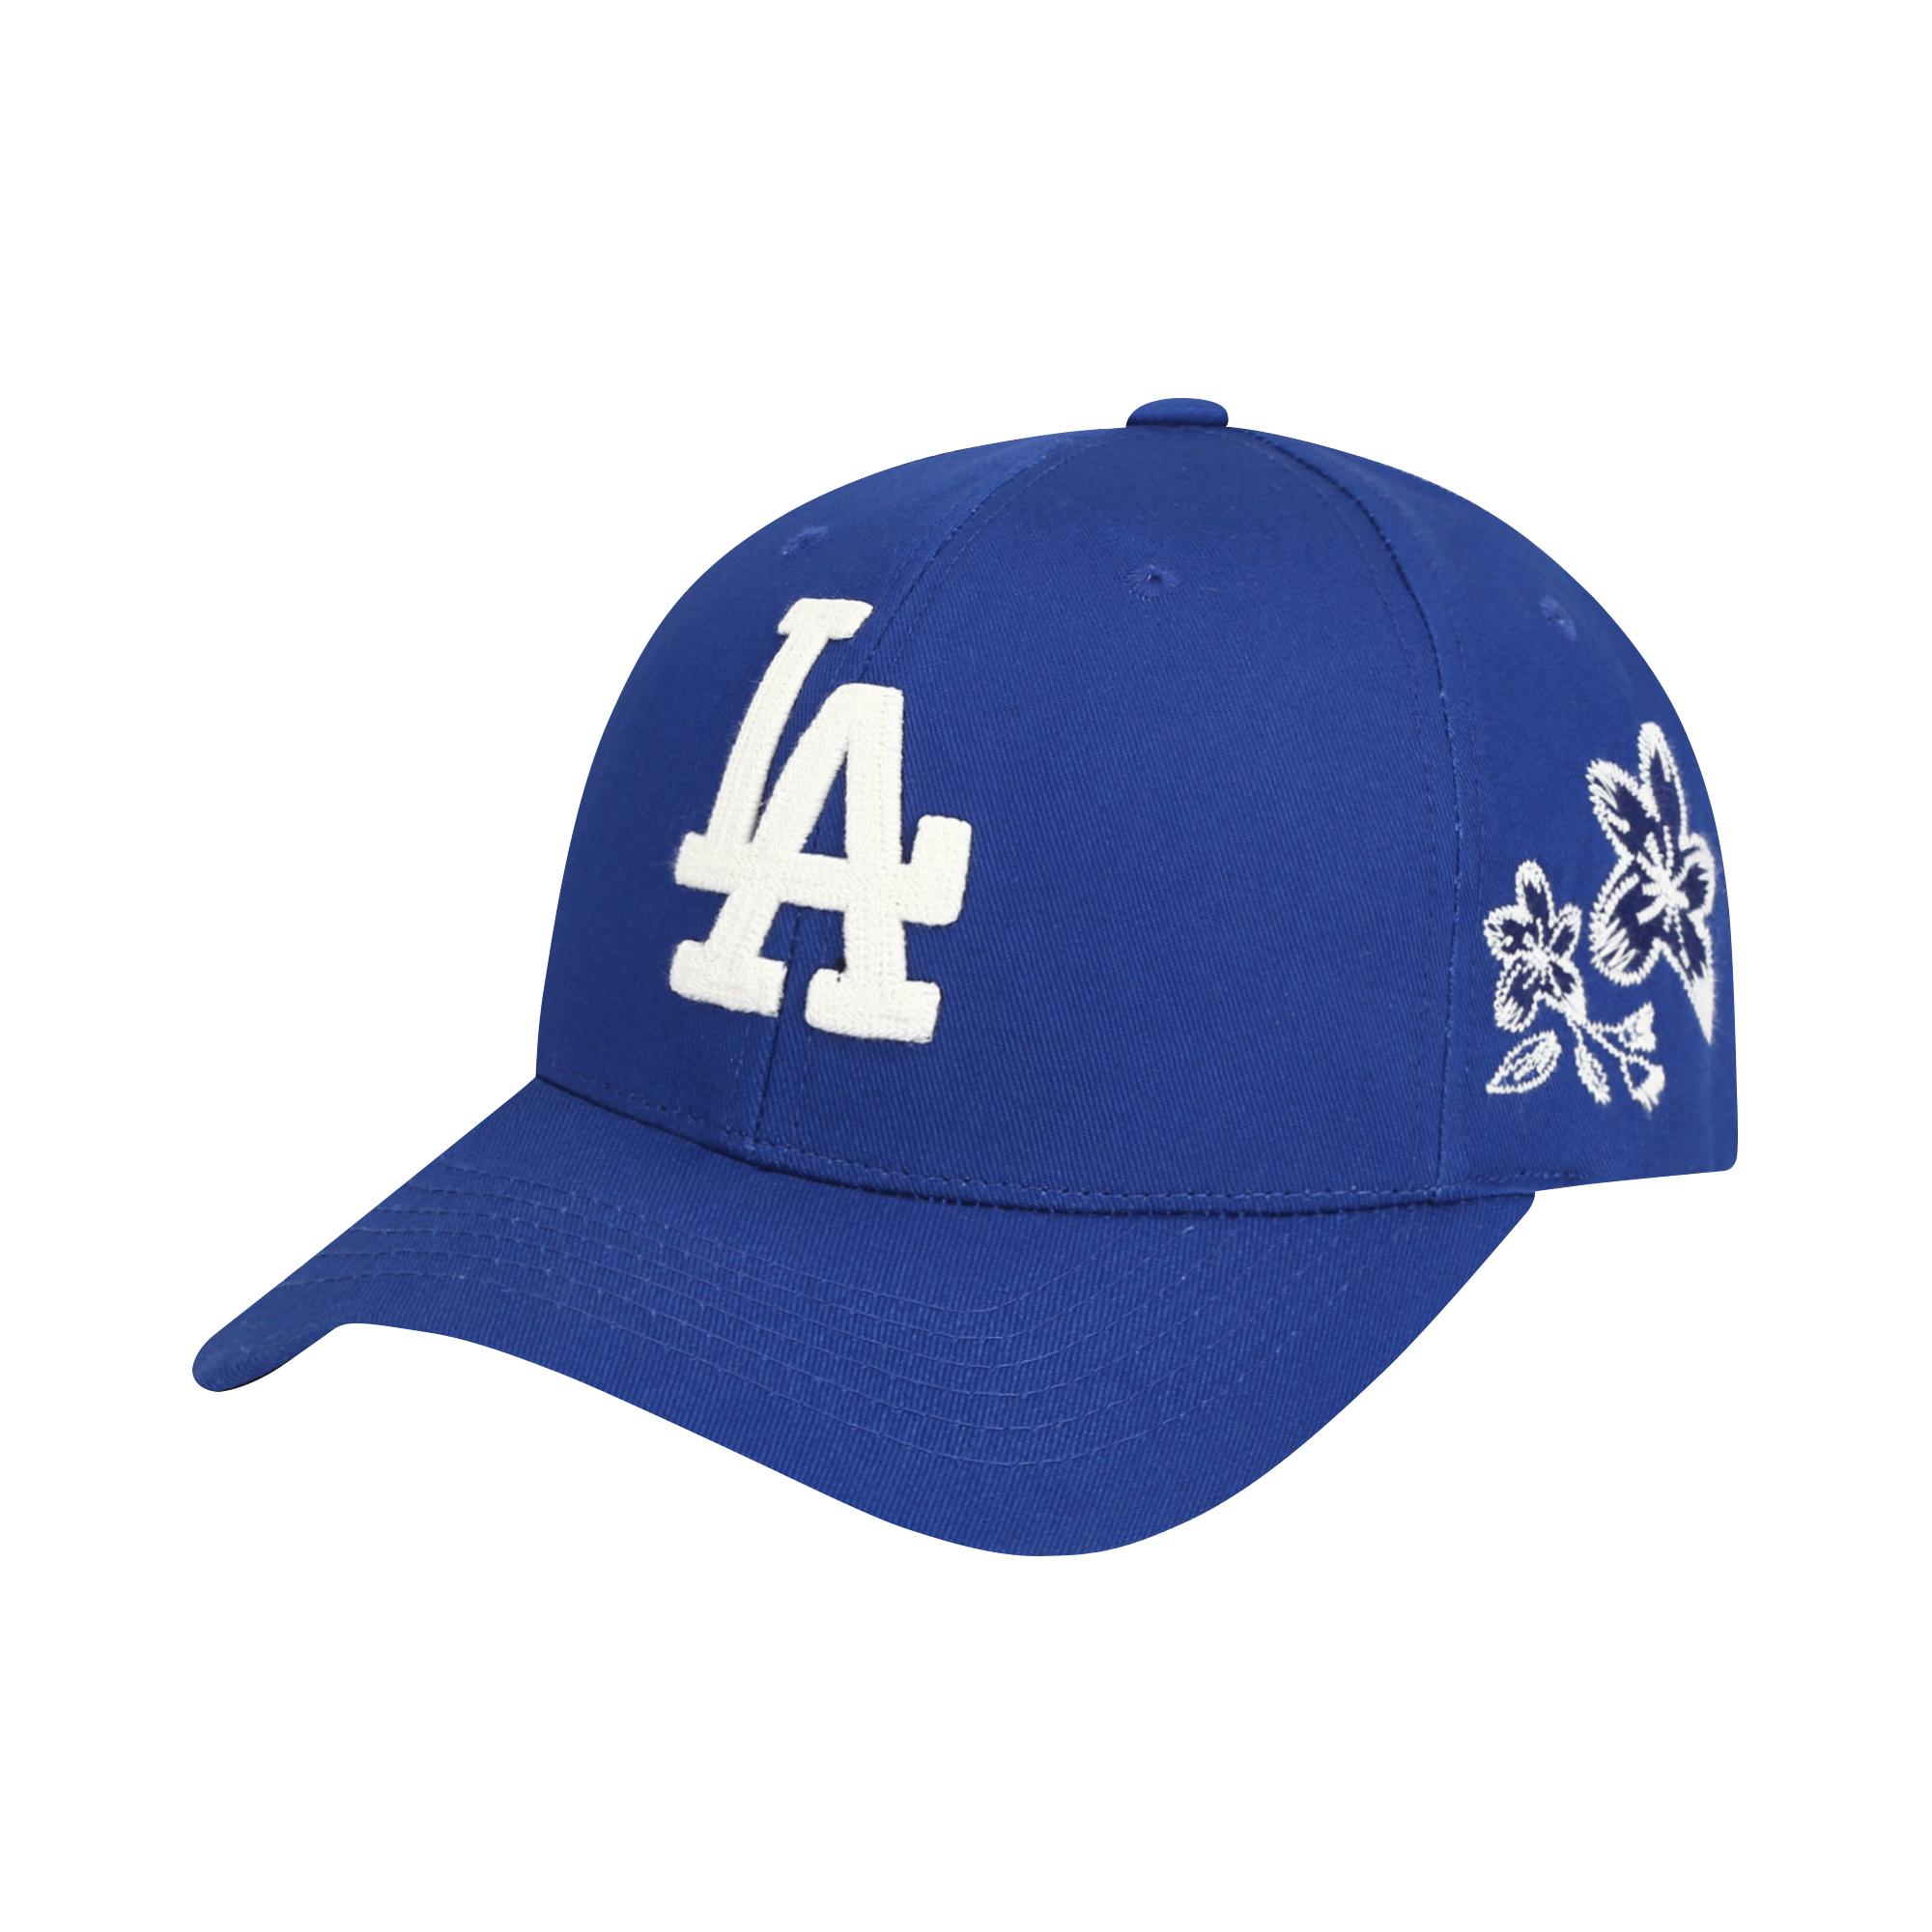 LA DODGERS JOUY ADJUSTABLE CAP